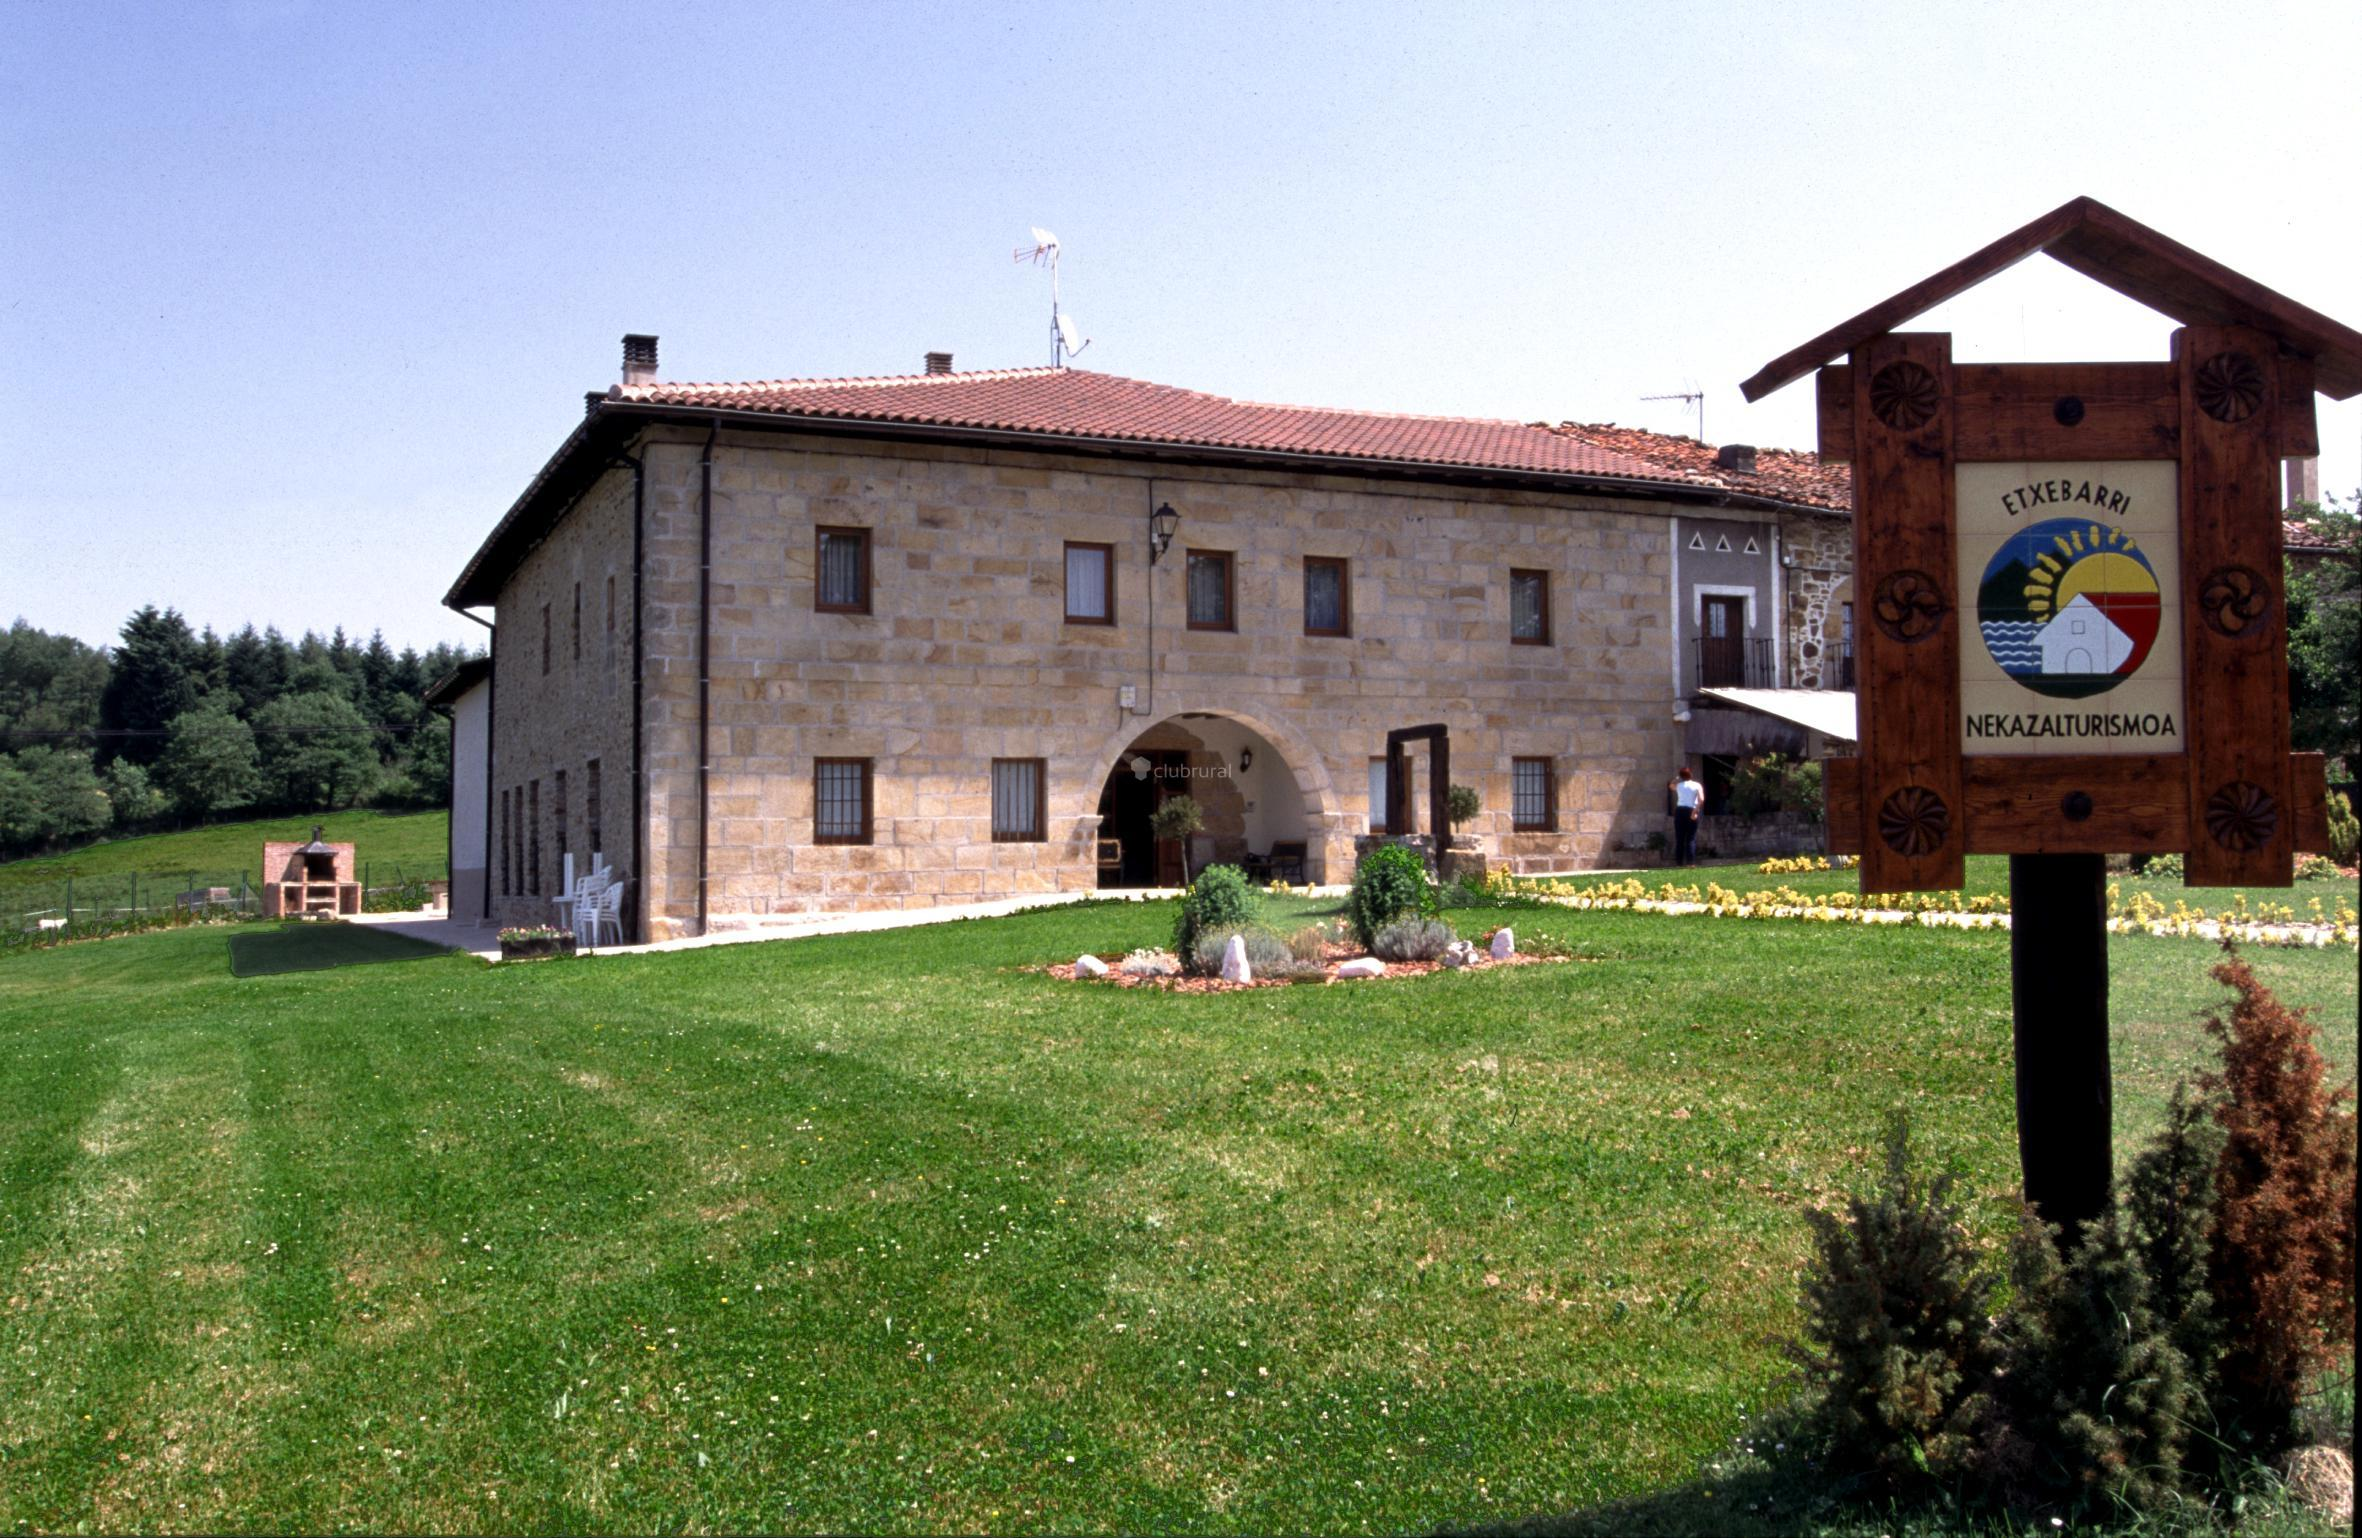 Caserios pais vasco family home in caserio garro caserios - Casa rural urduliz ...